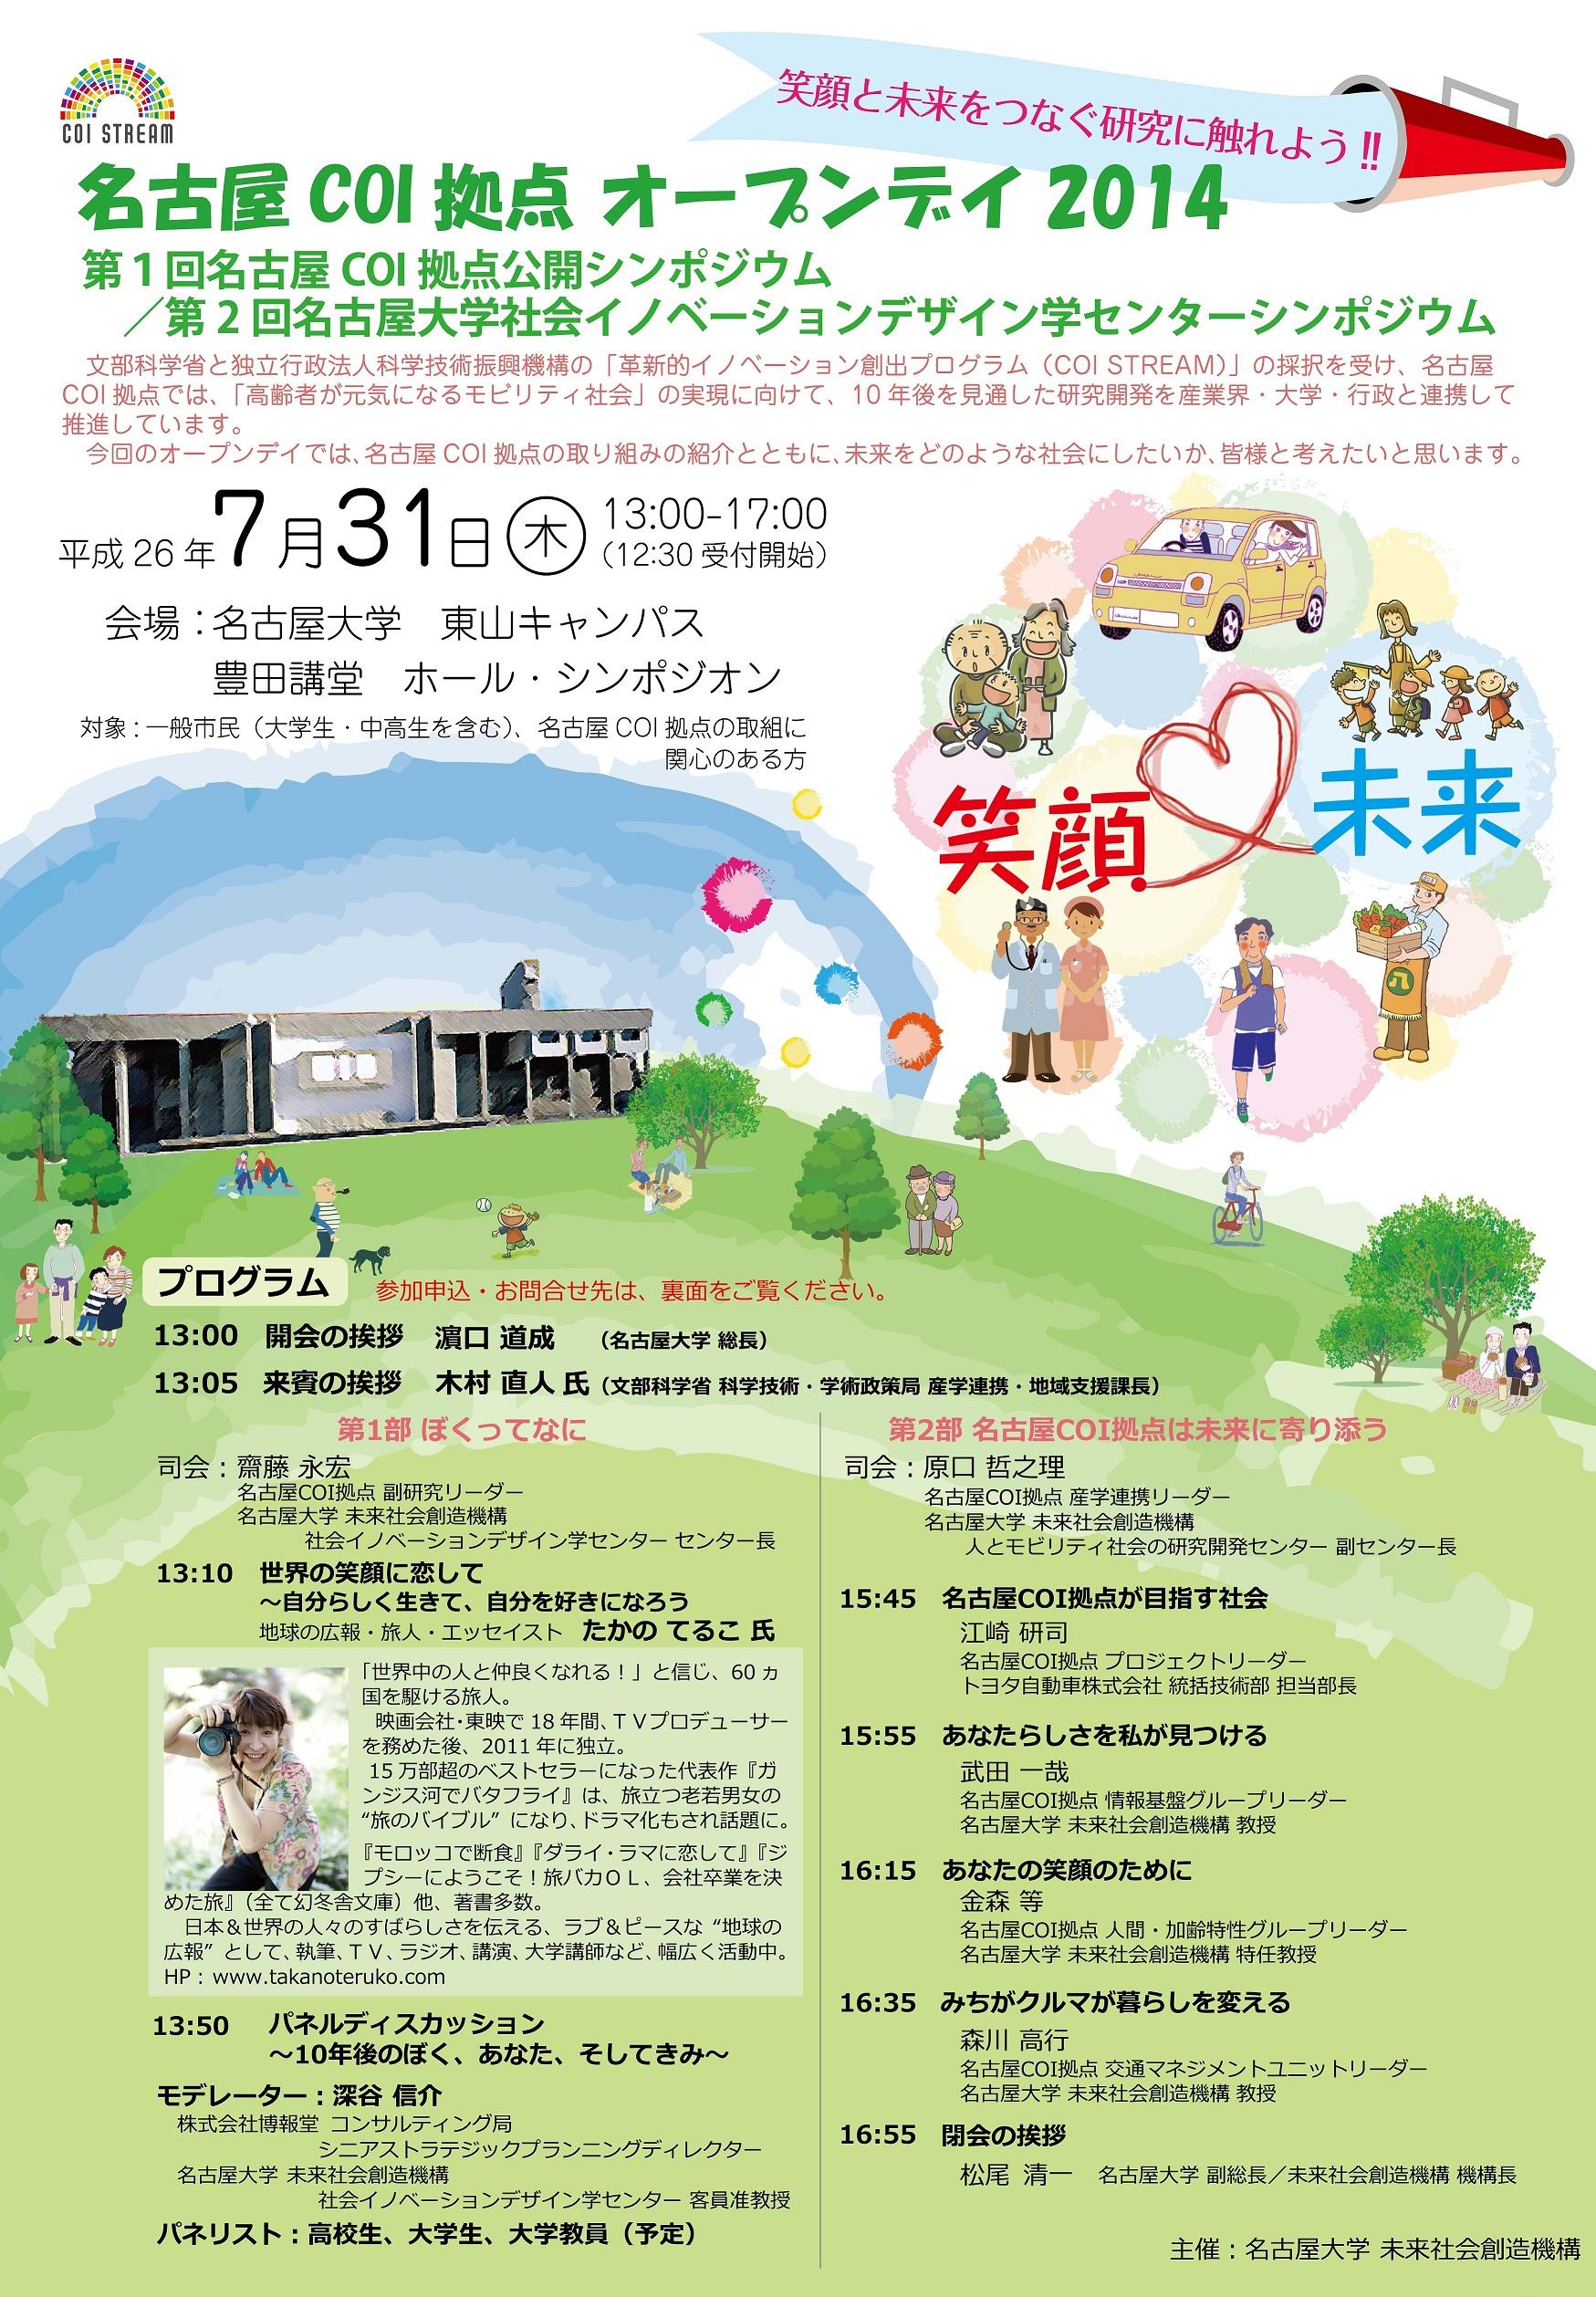 名大COIオープンデイ2014チラシ表